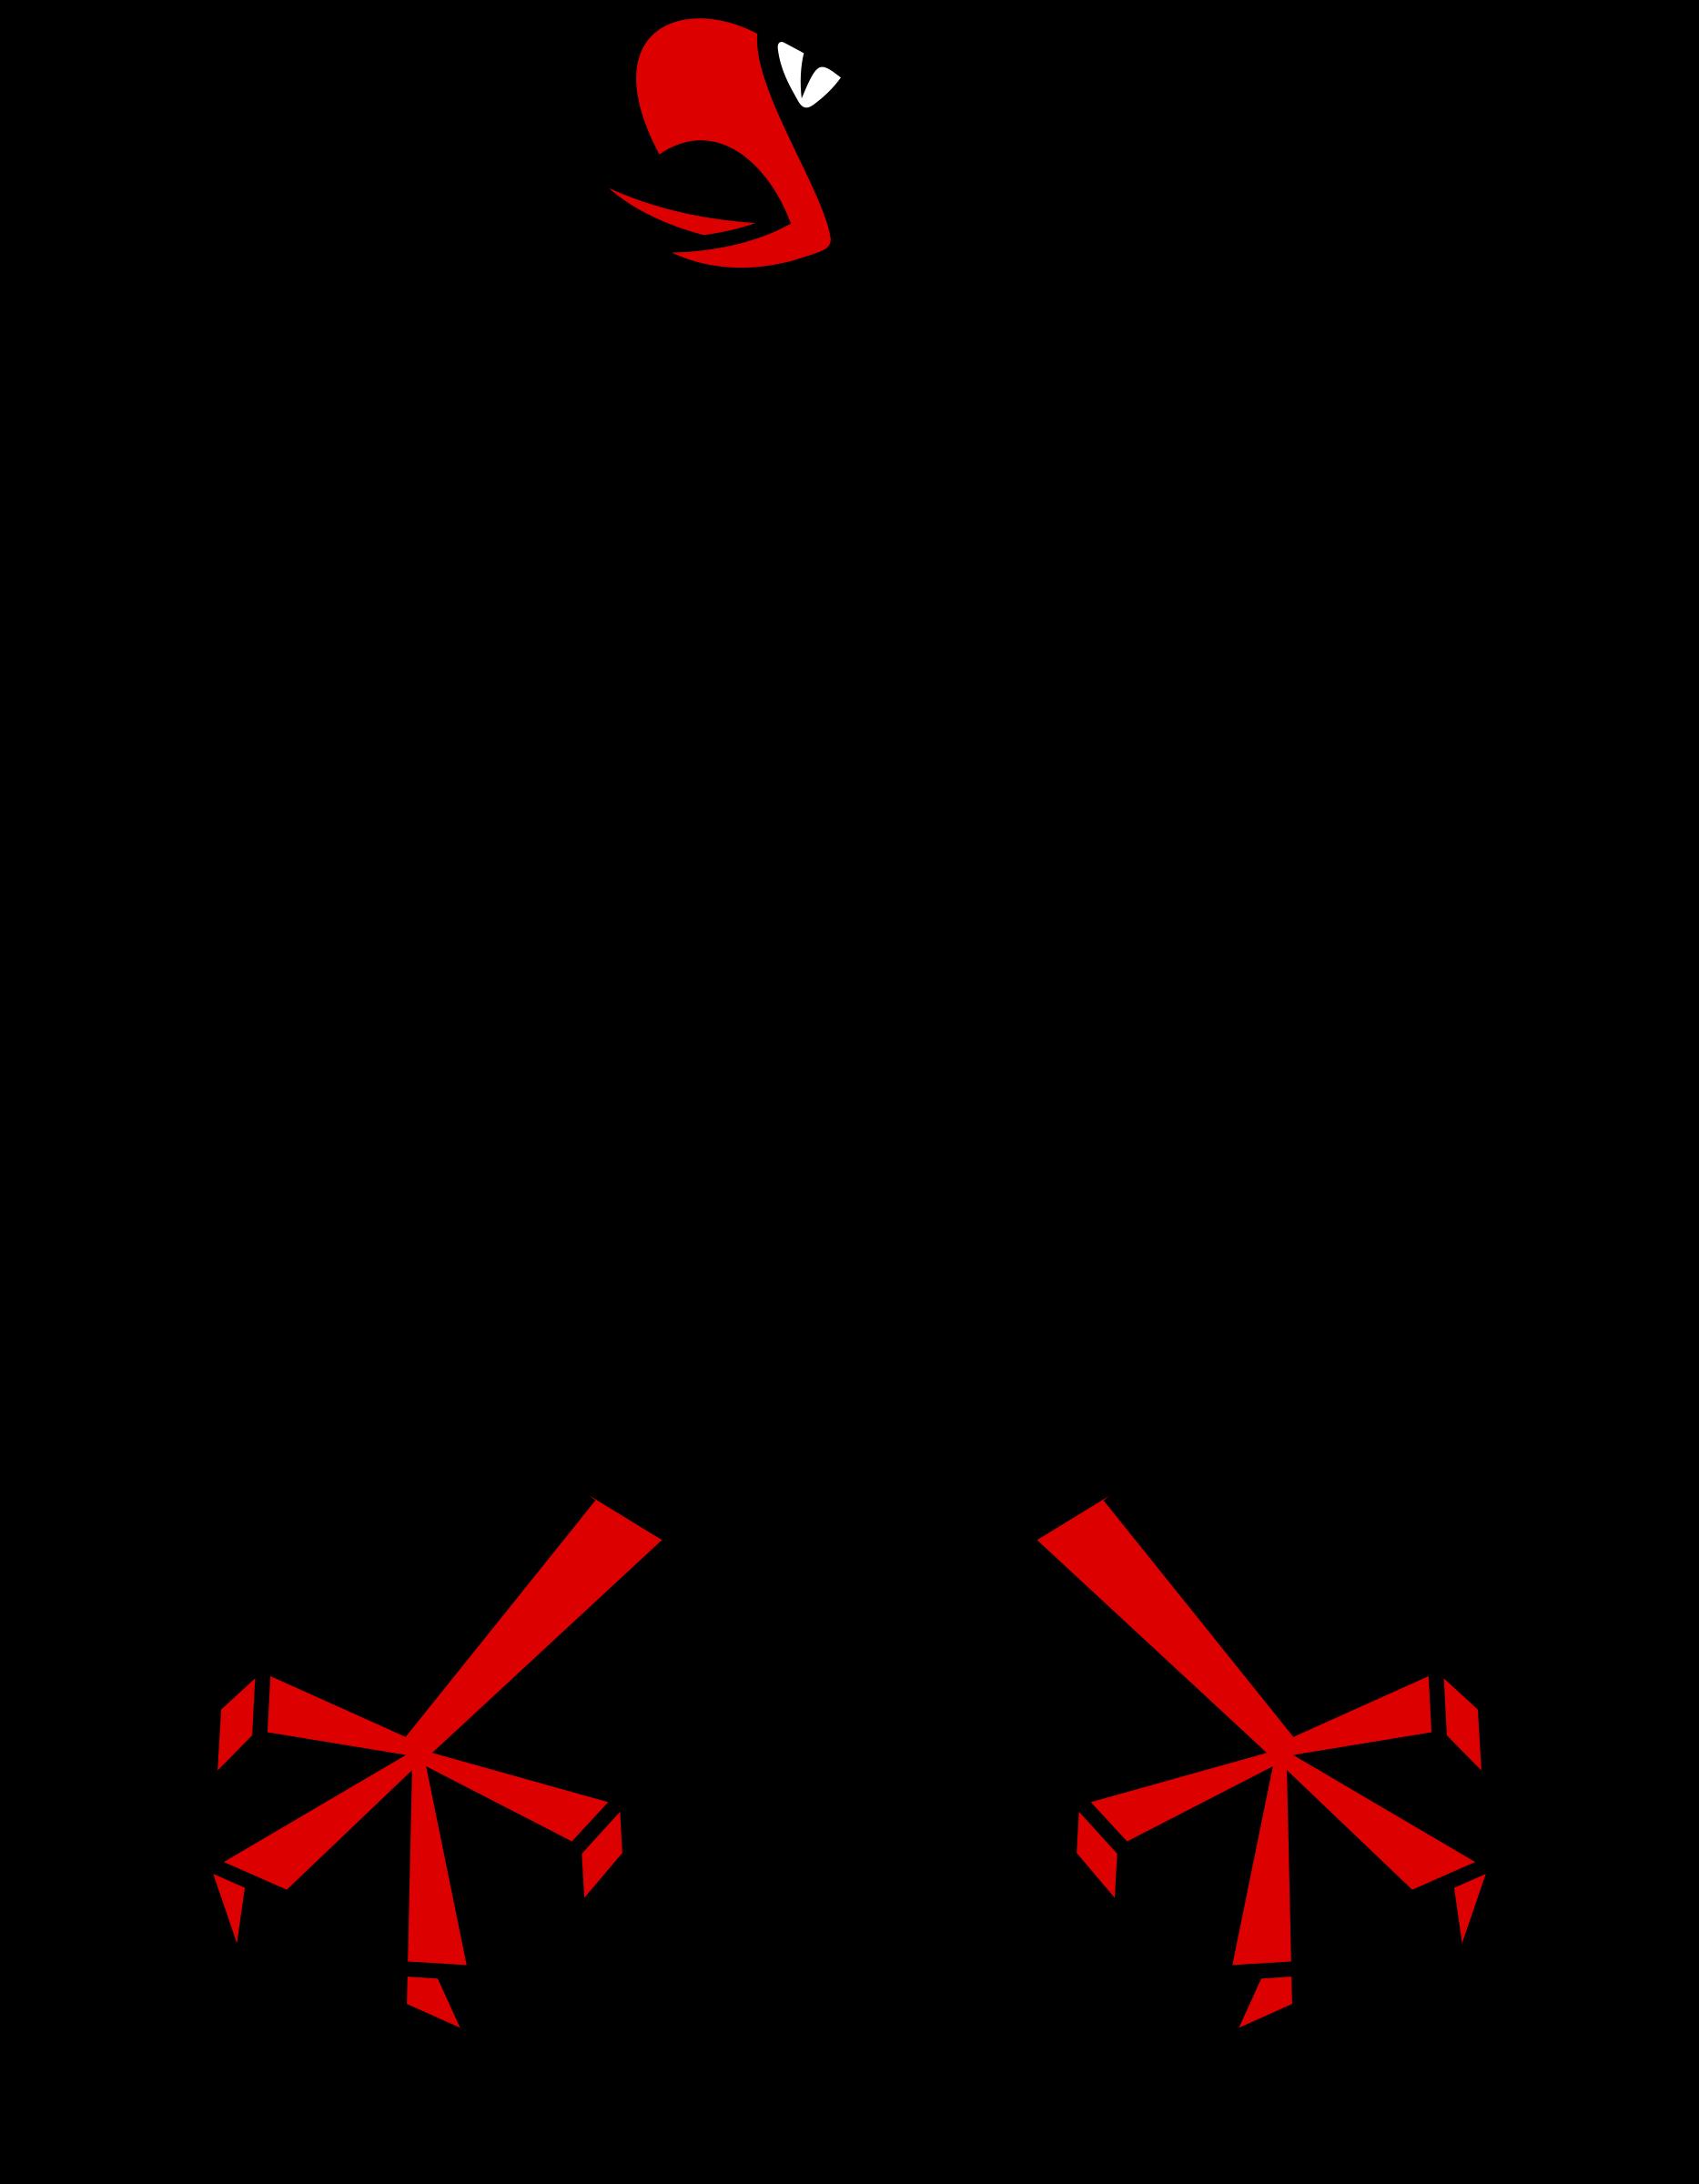 Black Eagle clipart stylised 3 Stylised Clipart eagle Stylised